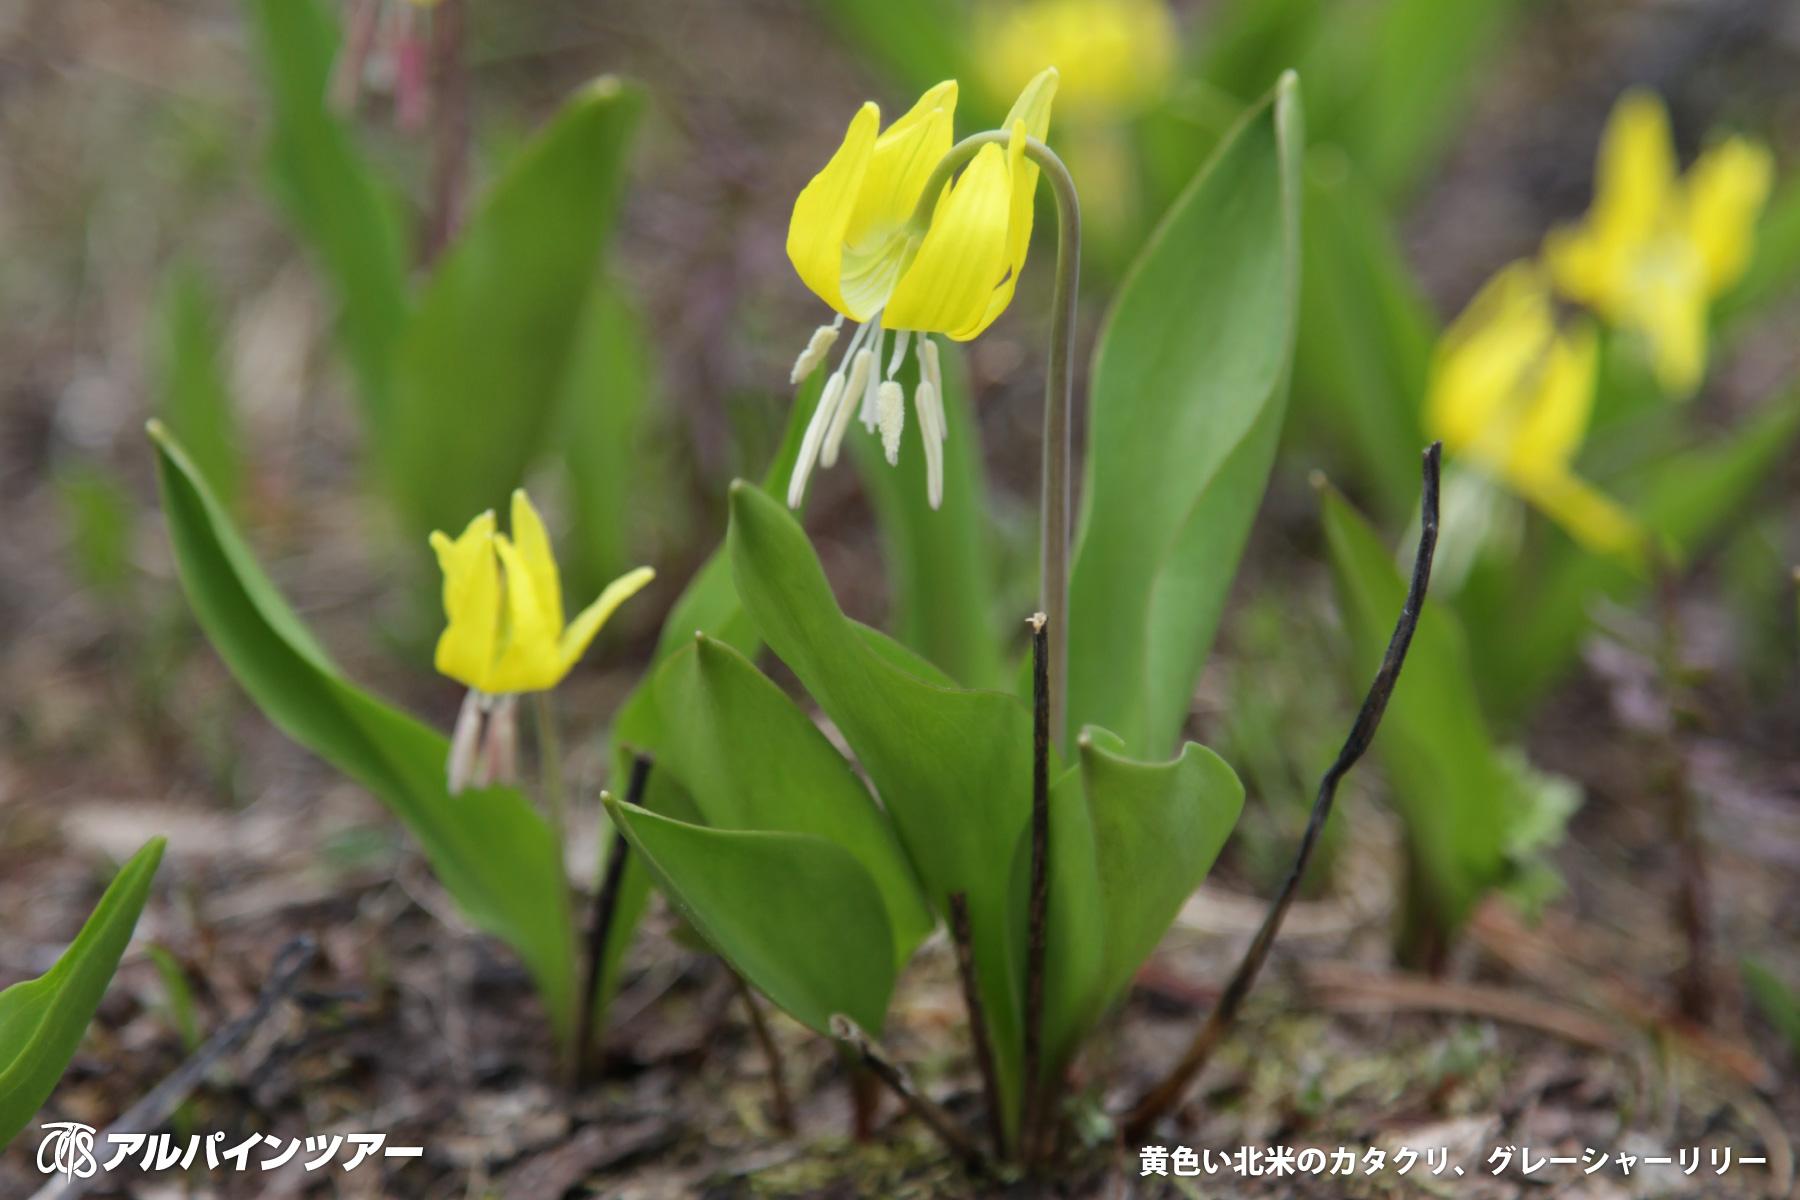 【今日の花】 グレーシャー・リリー(カナダ)